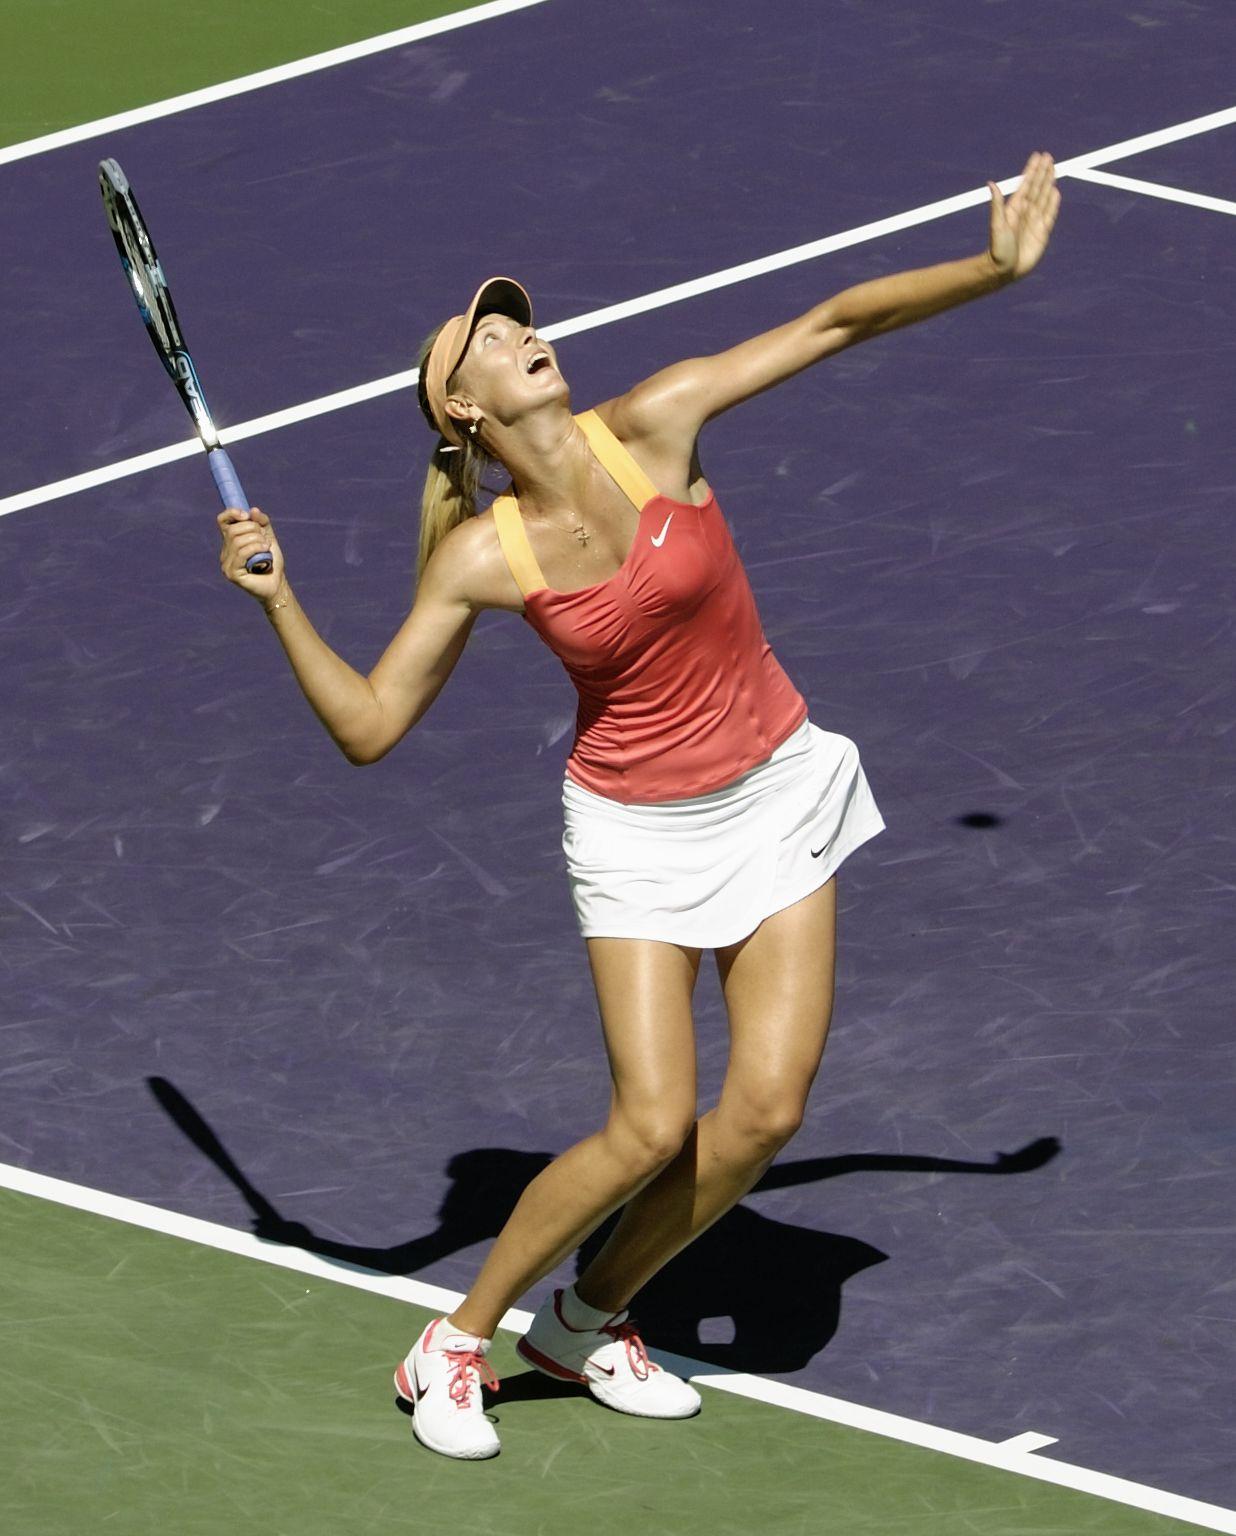 Maria Sharapova at Sony Ericsson Open Tennis 2012